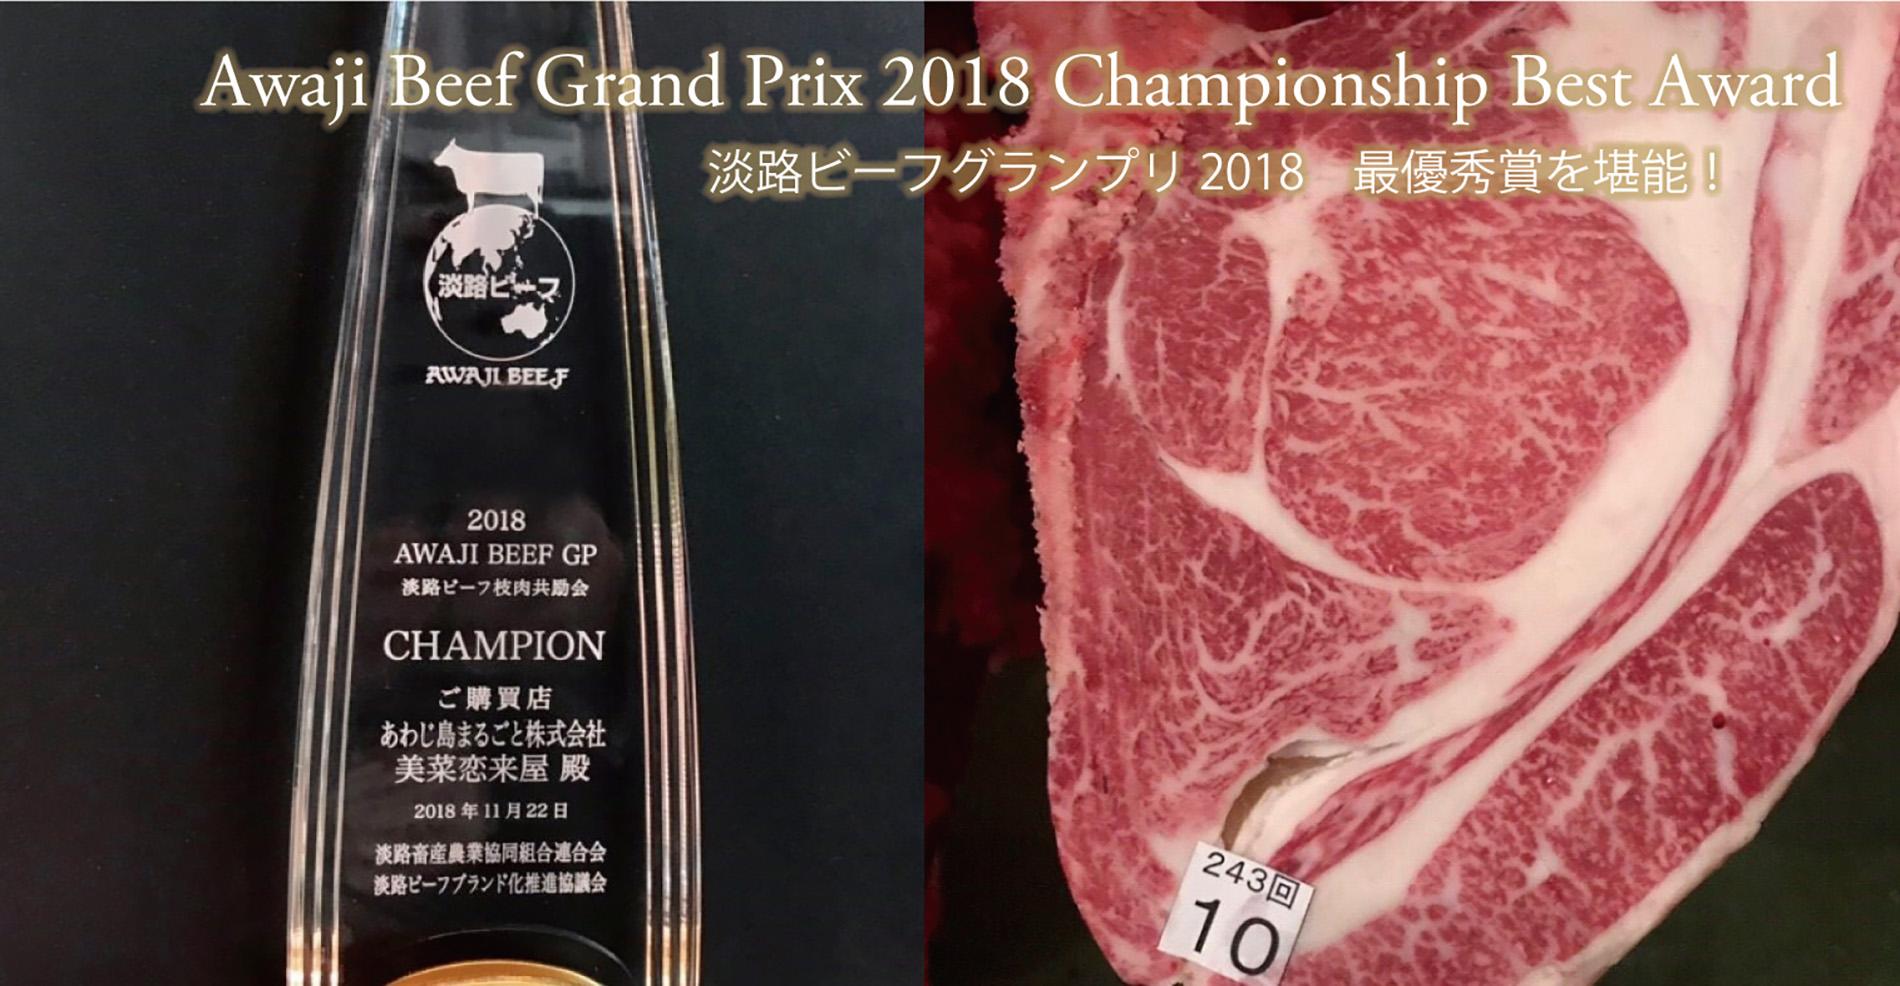 淡路ビーフグランプリ2018 最優秀賞を堪能!